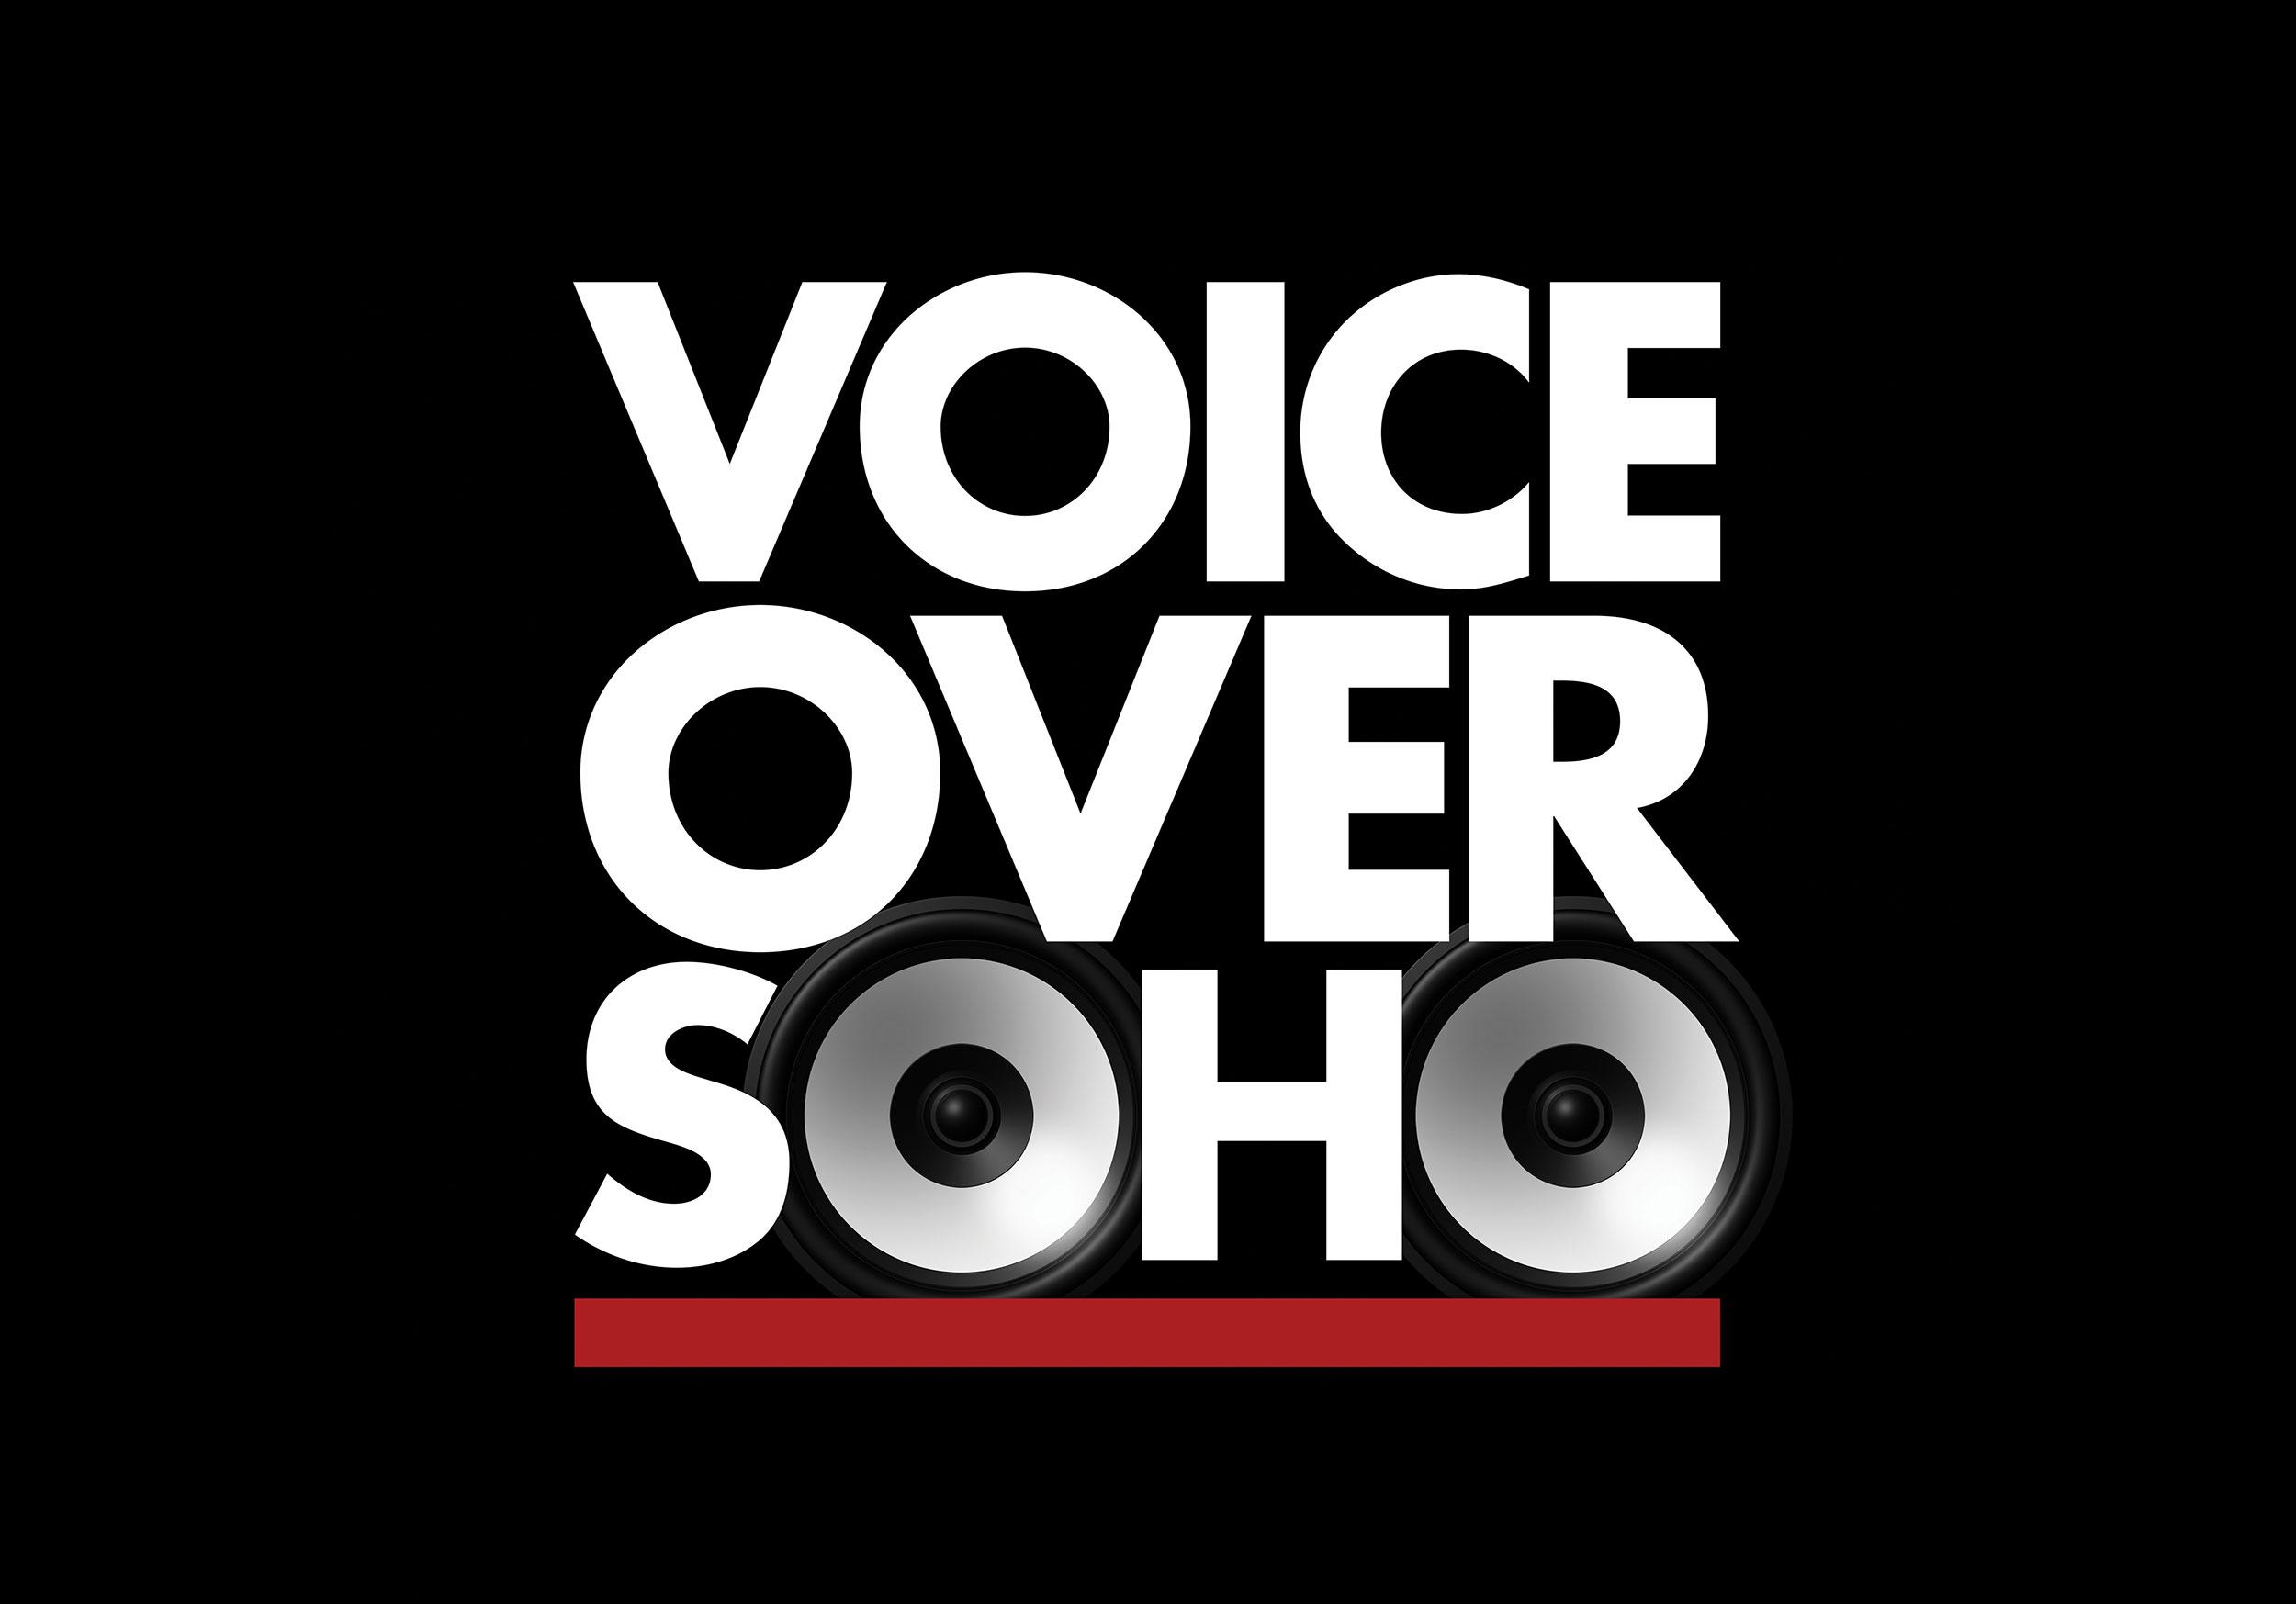 We are Noisy - Voiceover Soho - 01-logo